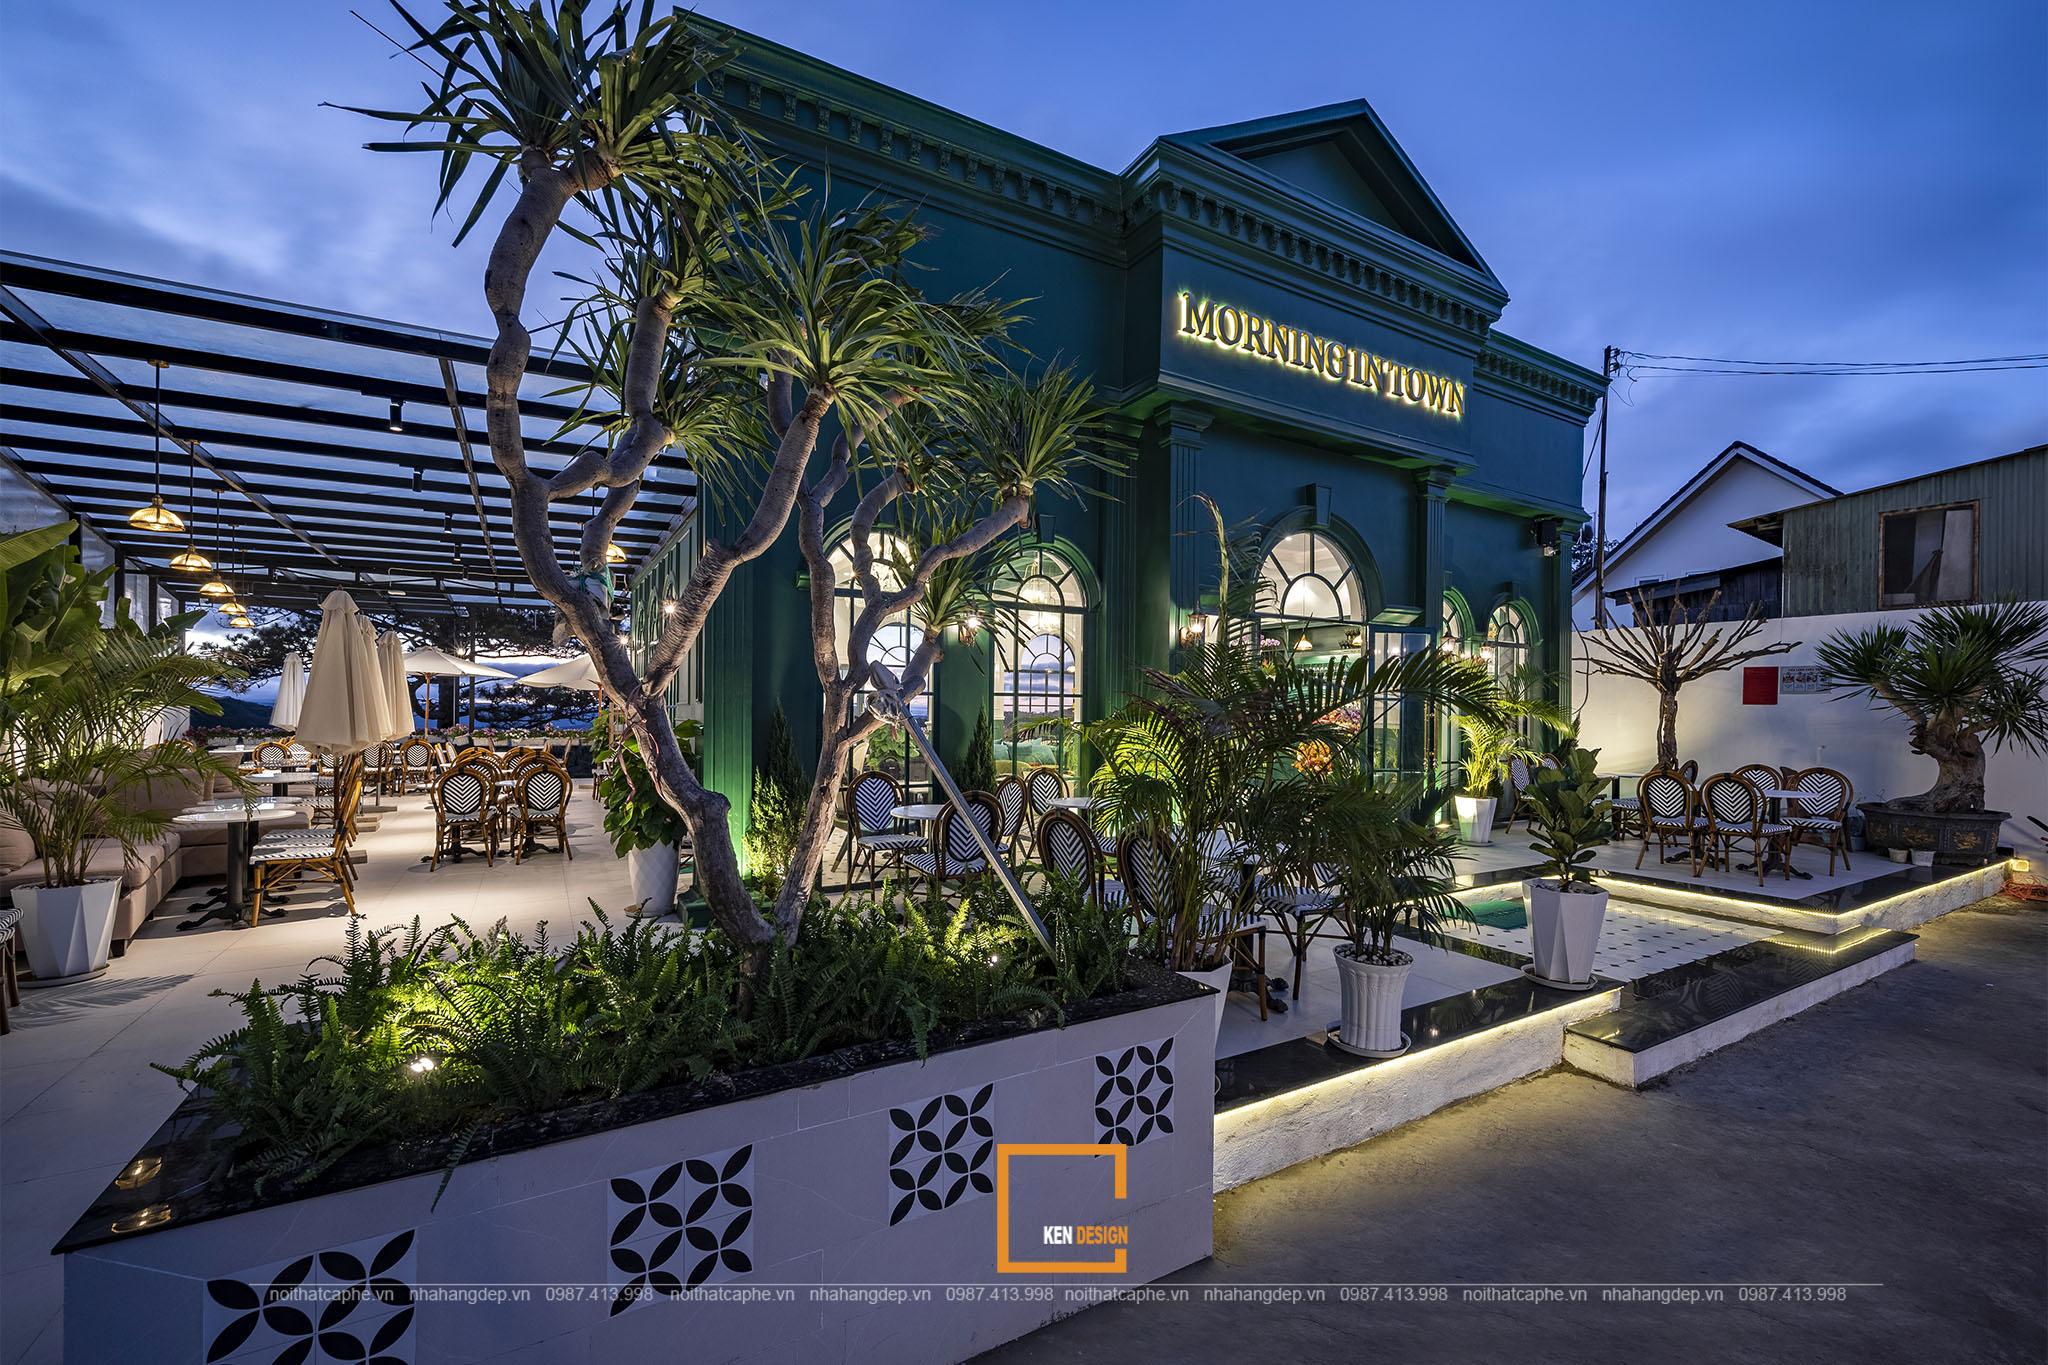 Thi công quán cafe Morning in Town Đà Lạt